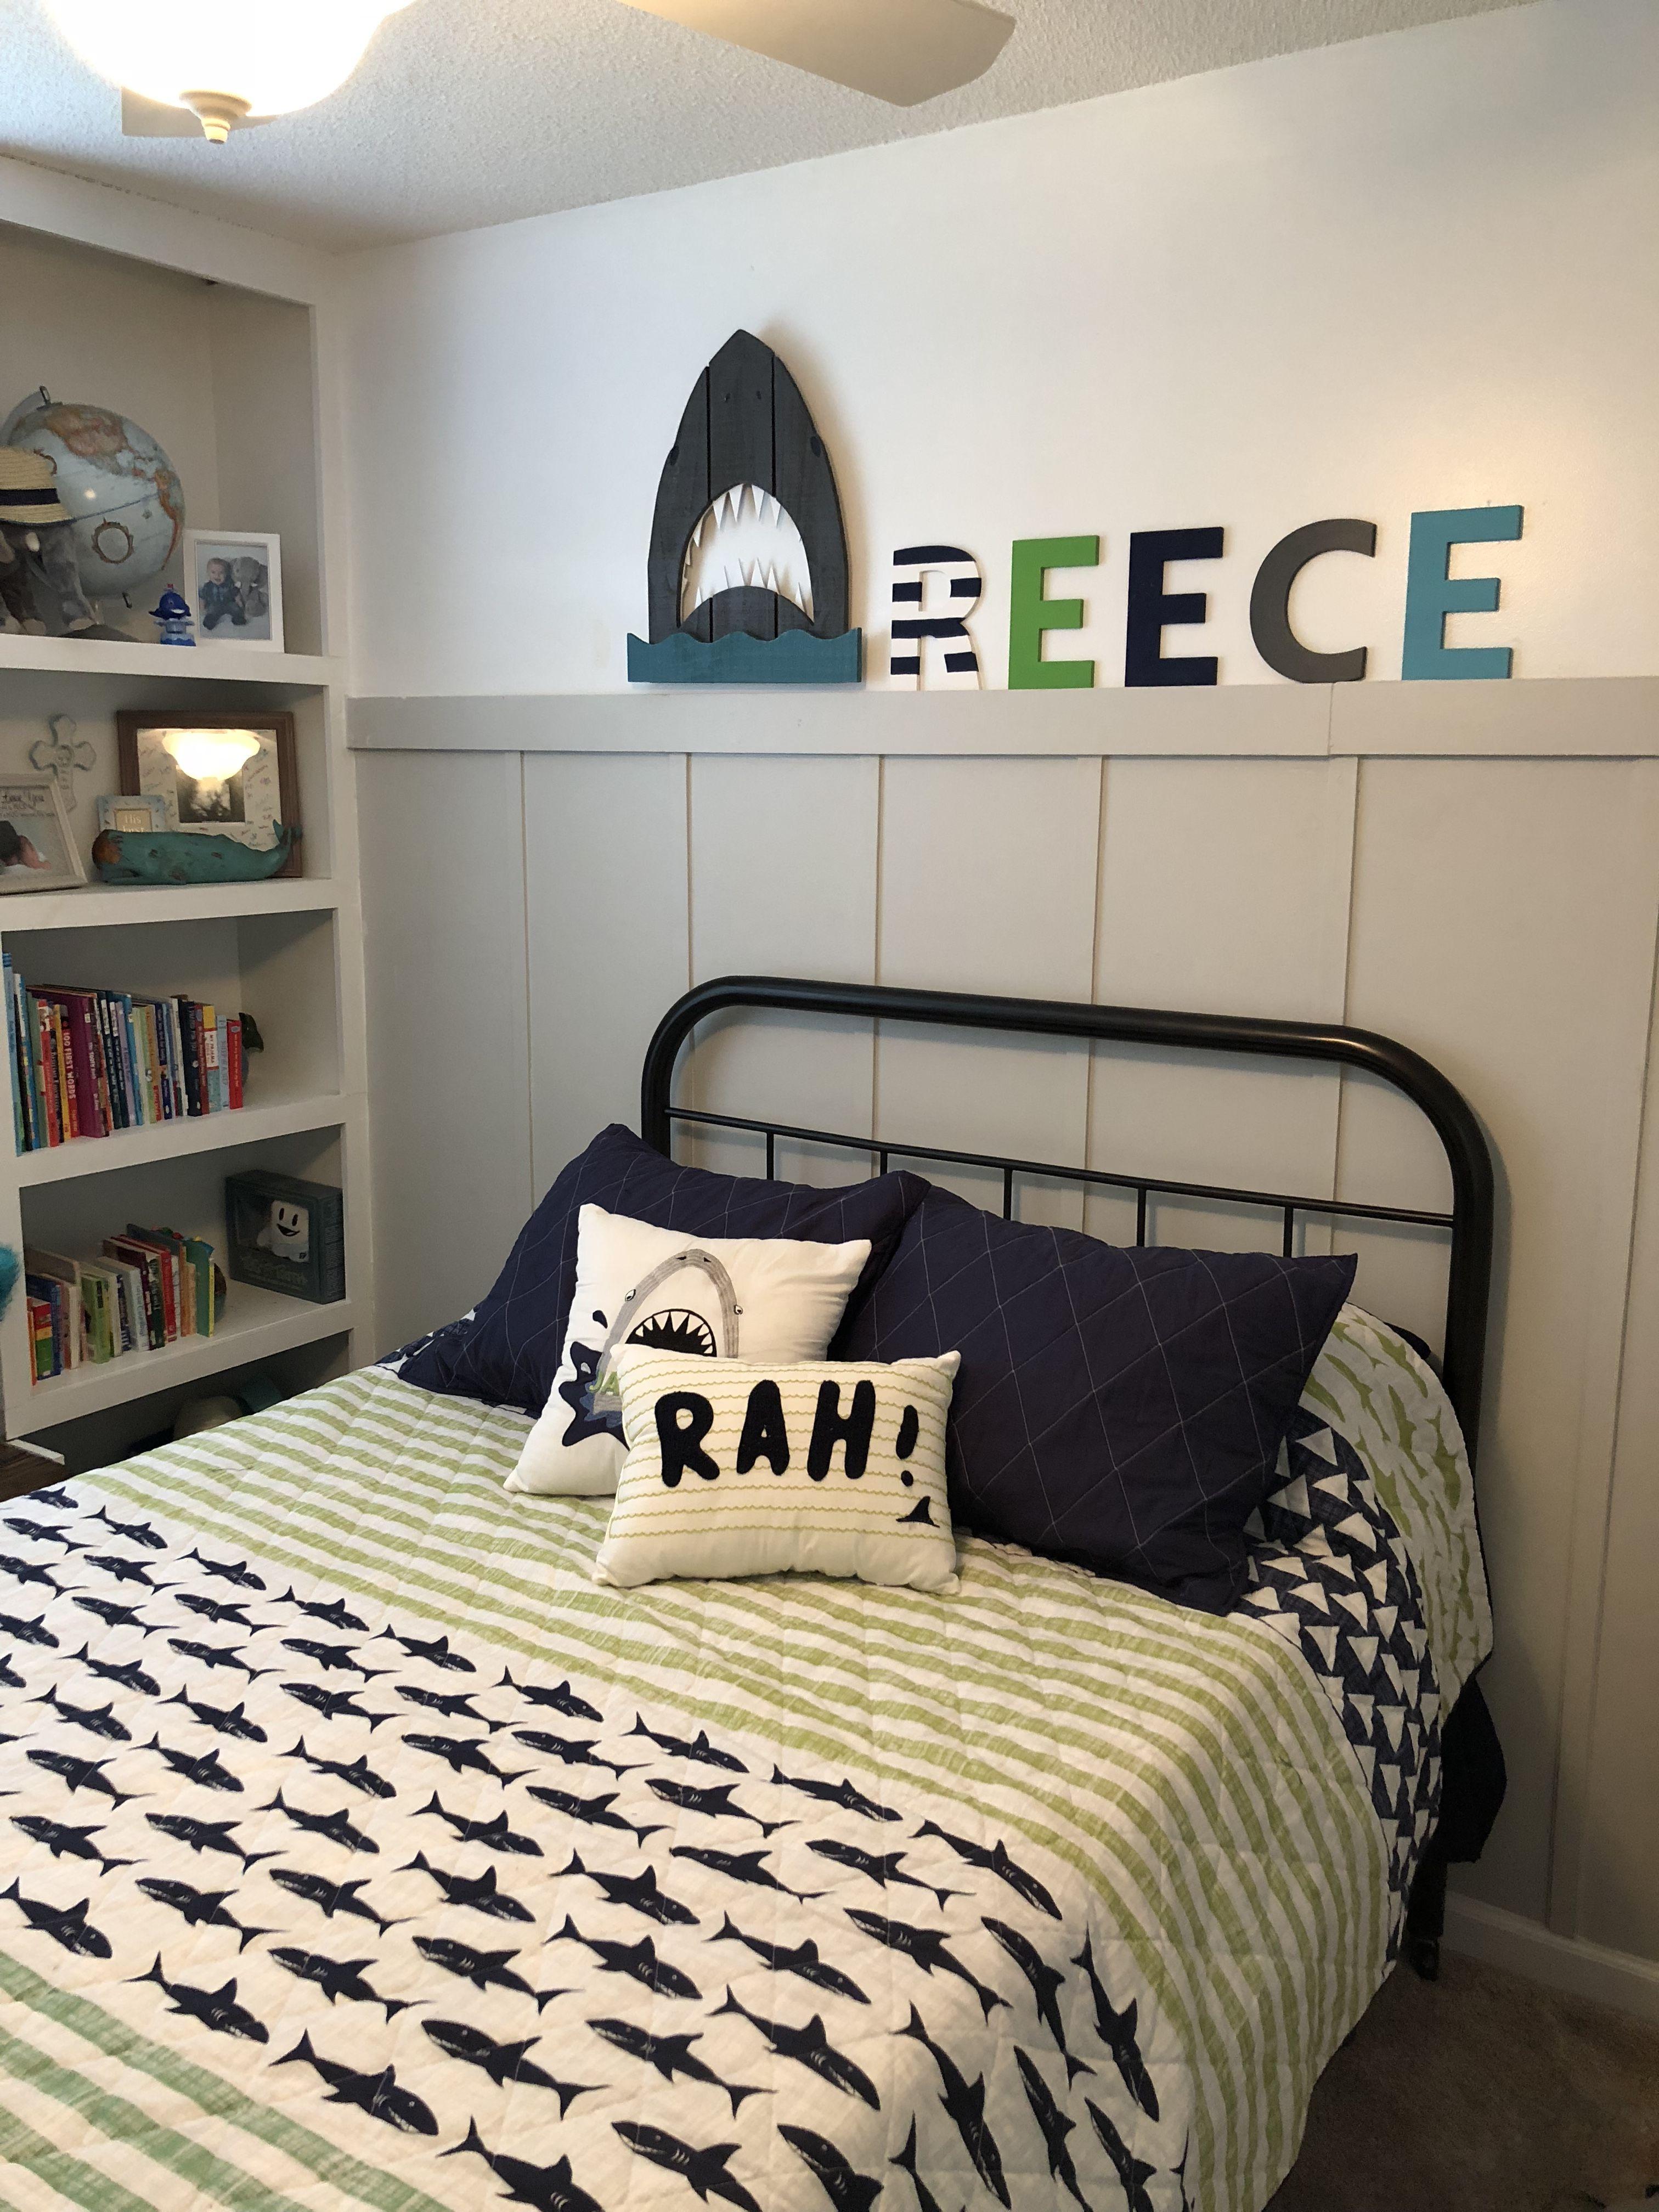 buy online 6f13b 1aa68 Reece's Big Boy Bedroom Toddler room, shark , builtins ...